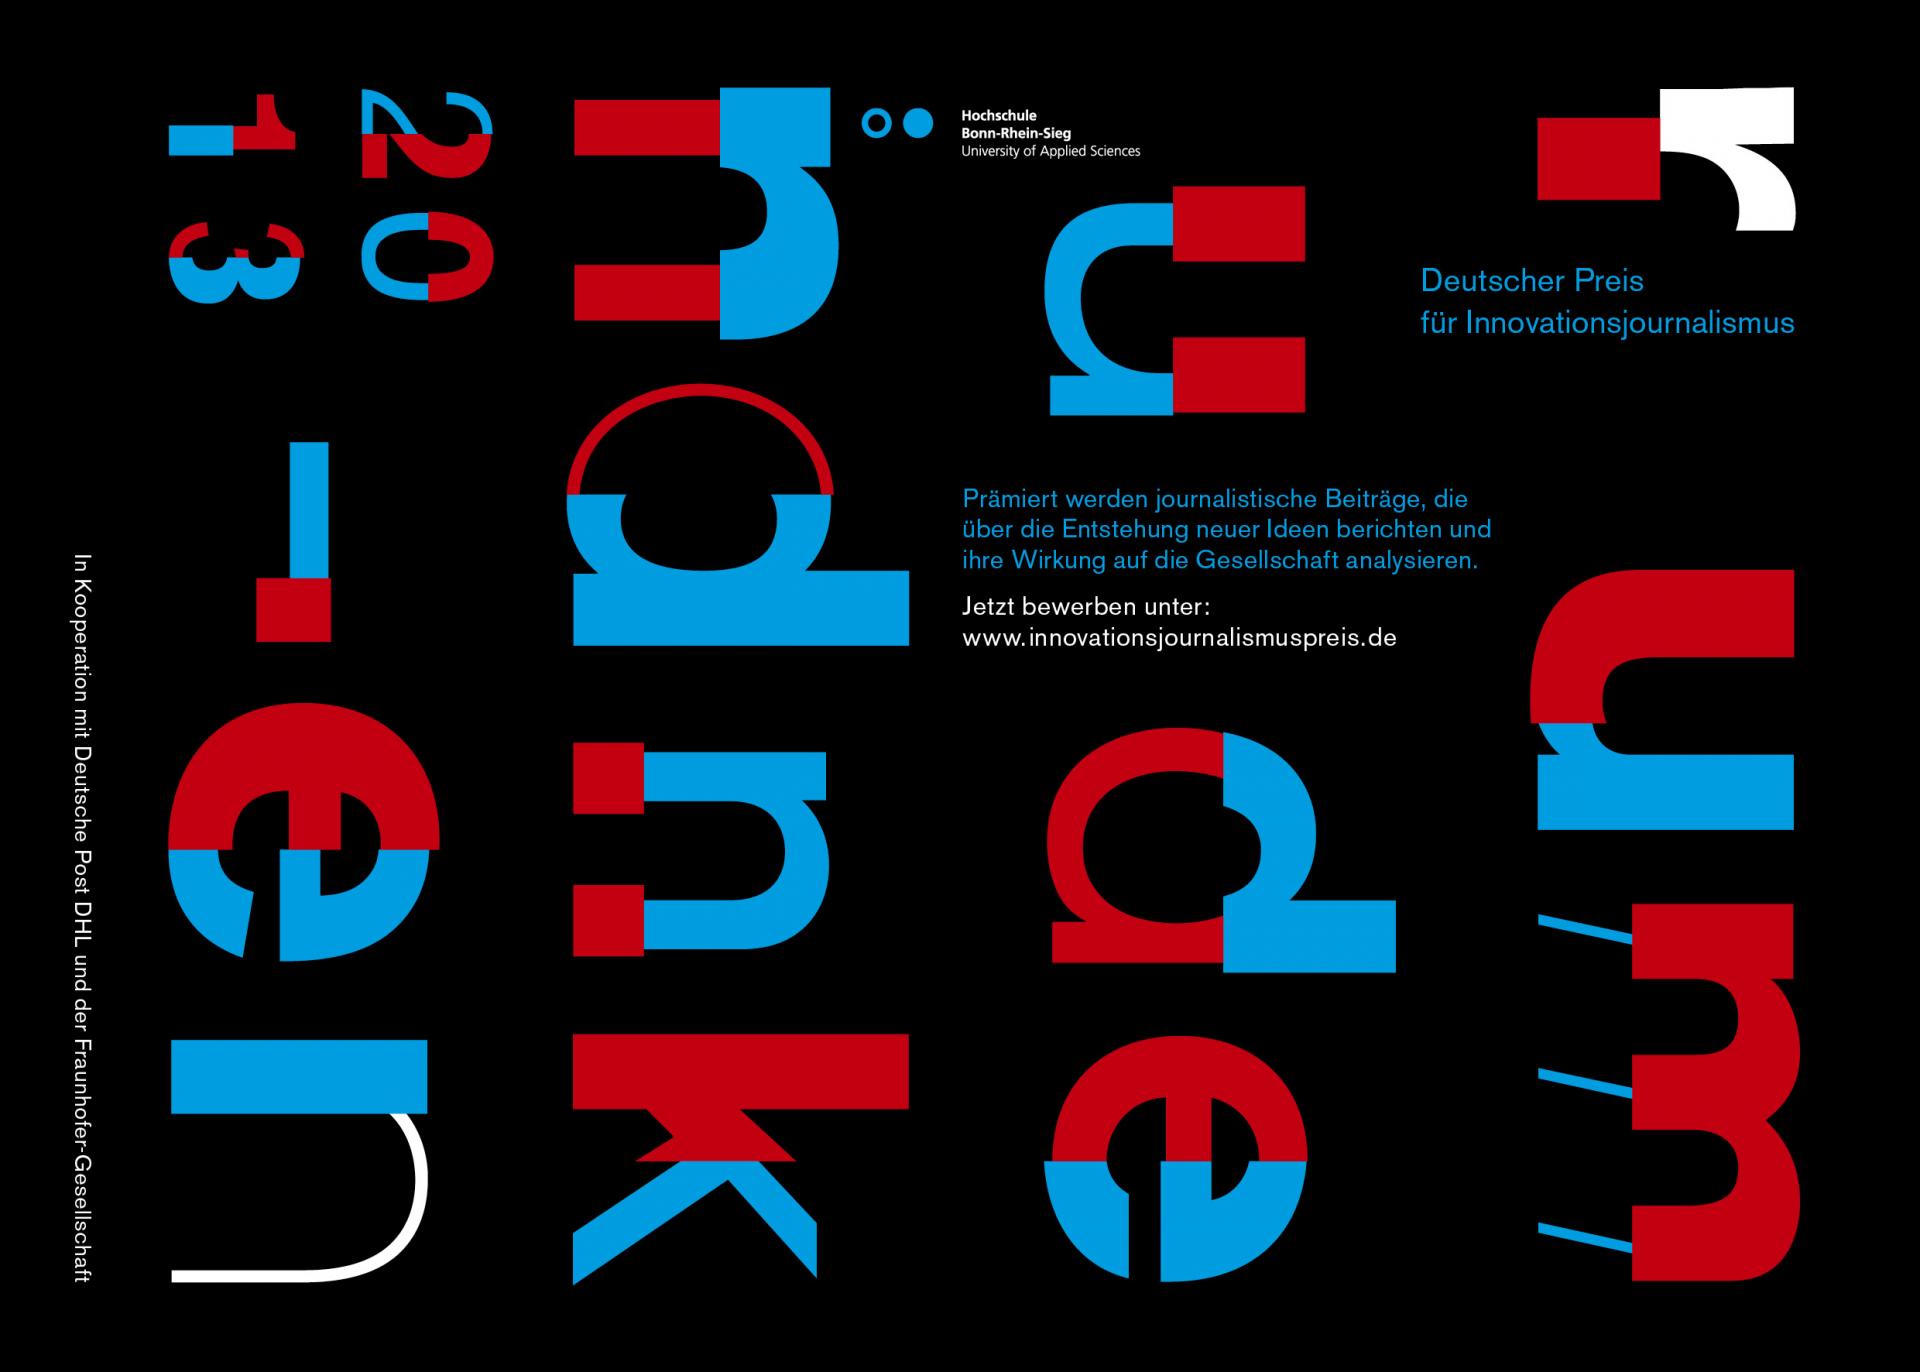 Jens Mittelsdorf - Büro für Gestaltung rundumdenken → Corporate Design, Poster, Flyer, Website